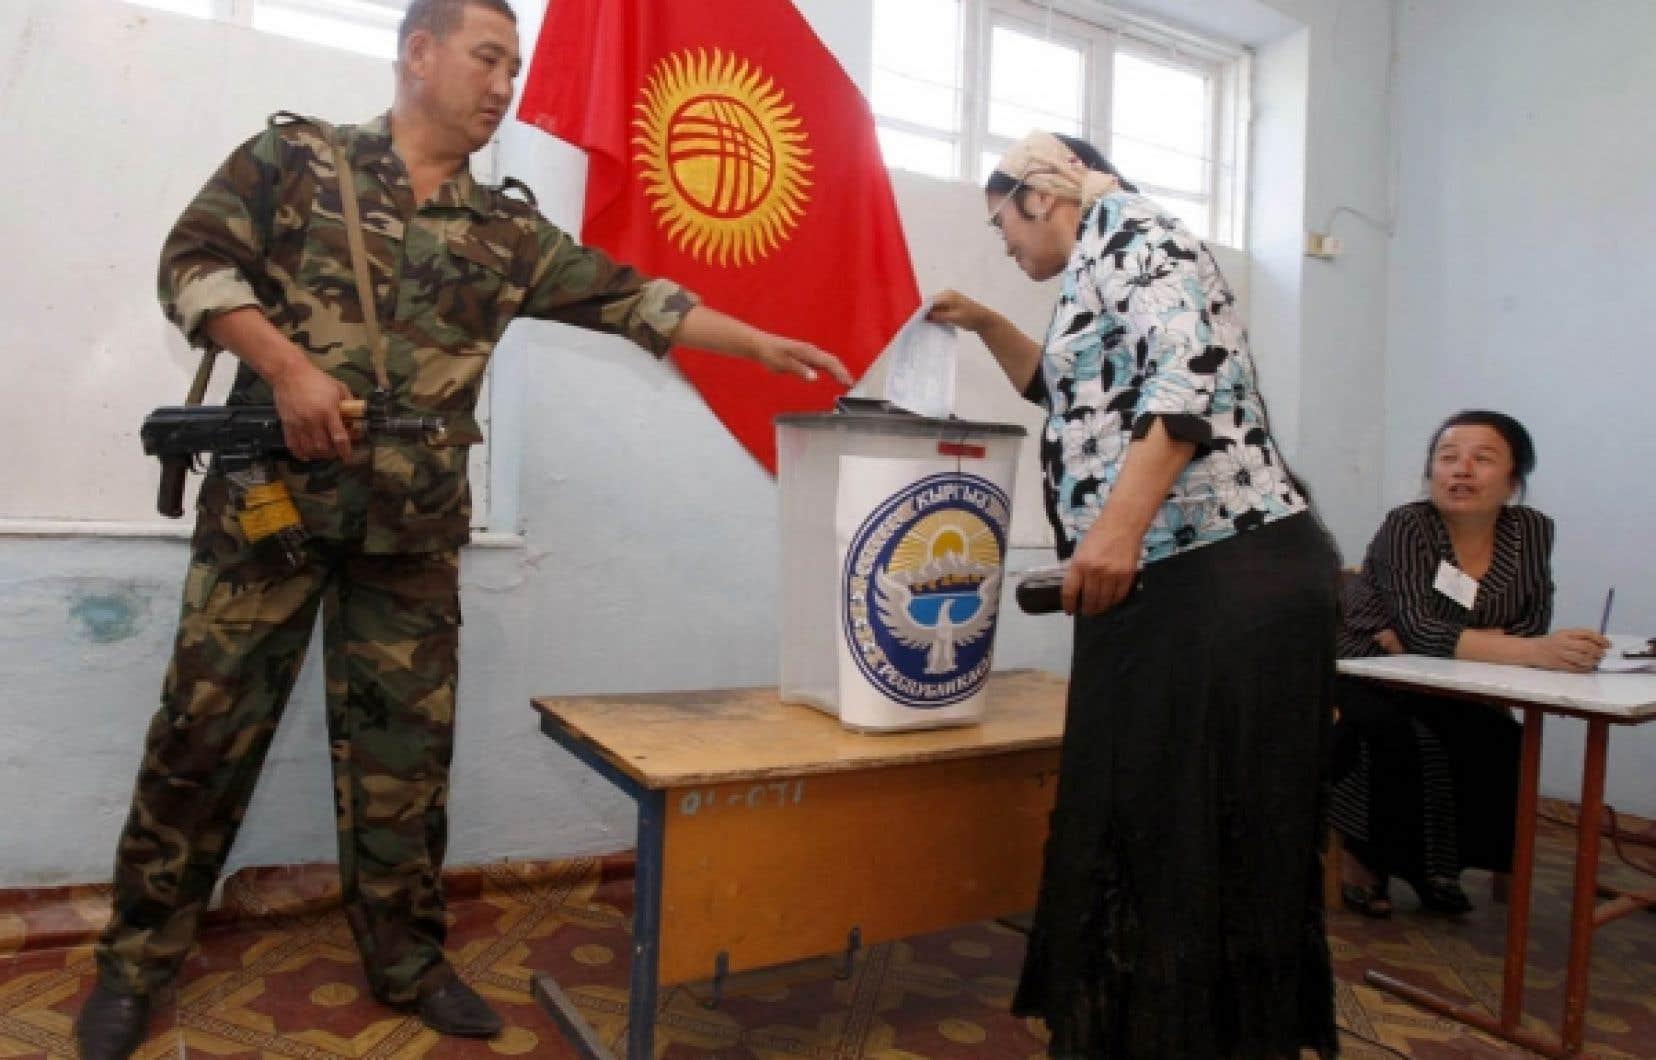 https://media2.ledevoir.com/images_galerie/nwd_69287_63938/une-kirghize-dans-un-bureau-de-scrutin-d-och-sous-l-oeil-attentif-d-un-militaire-hier.jpg